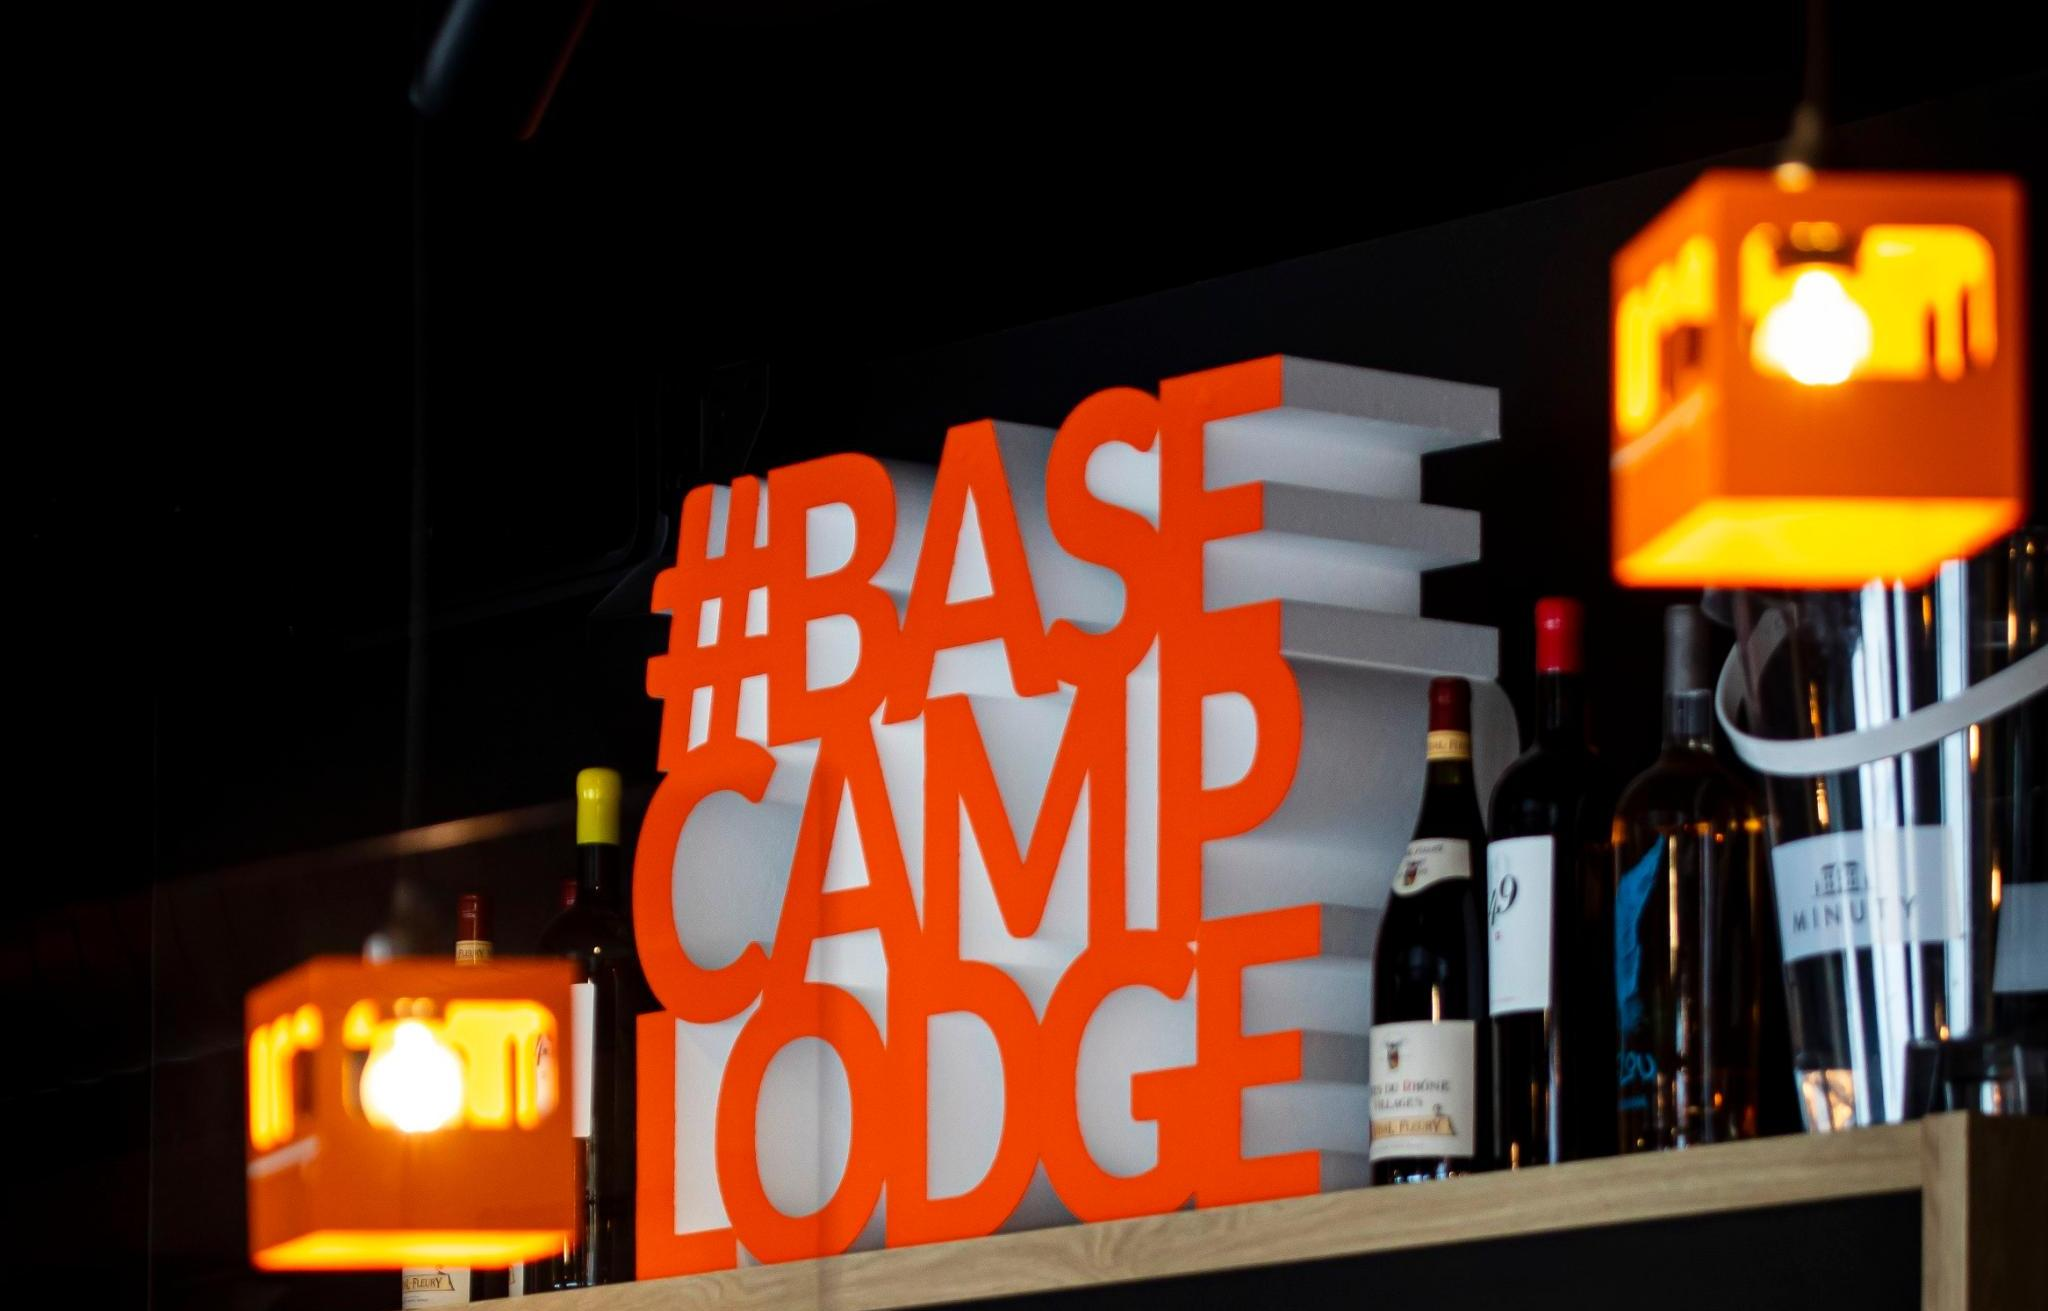 Meer info over Base Camp Lodge Hotel  bij Summittravel